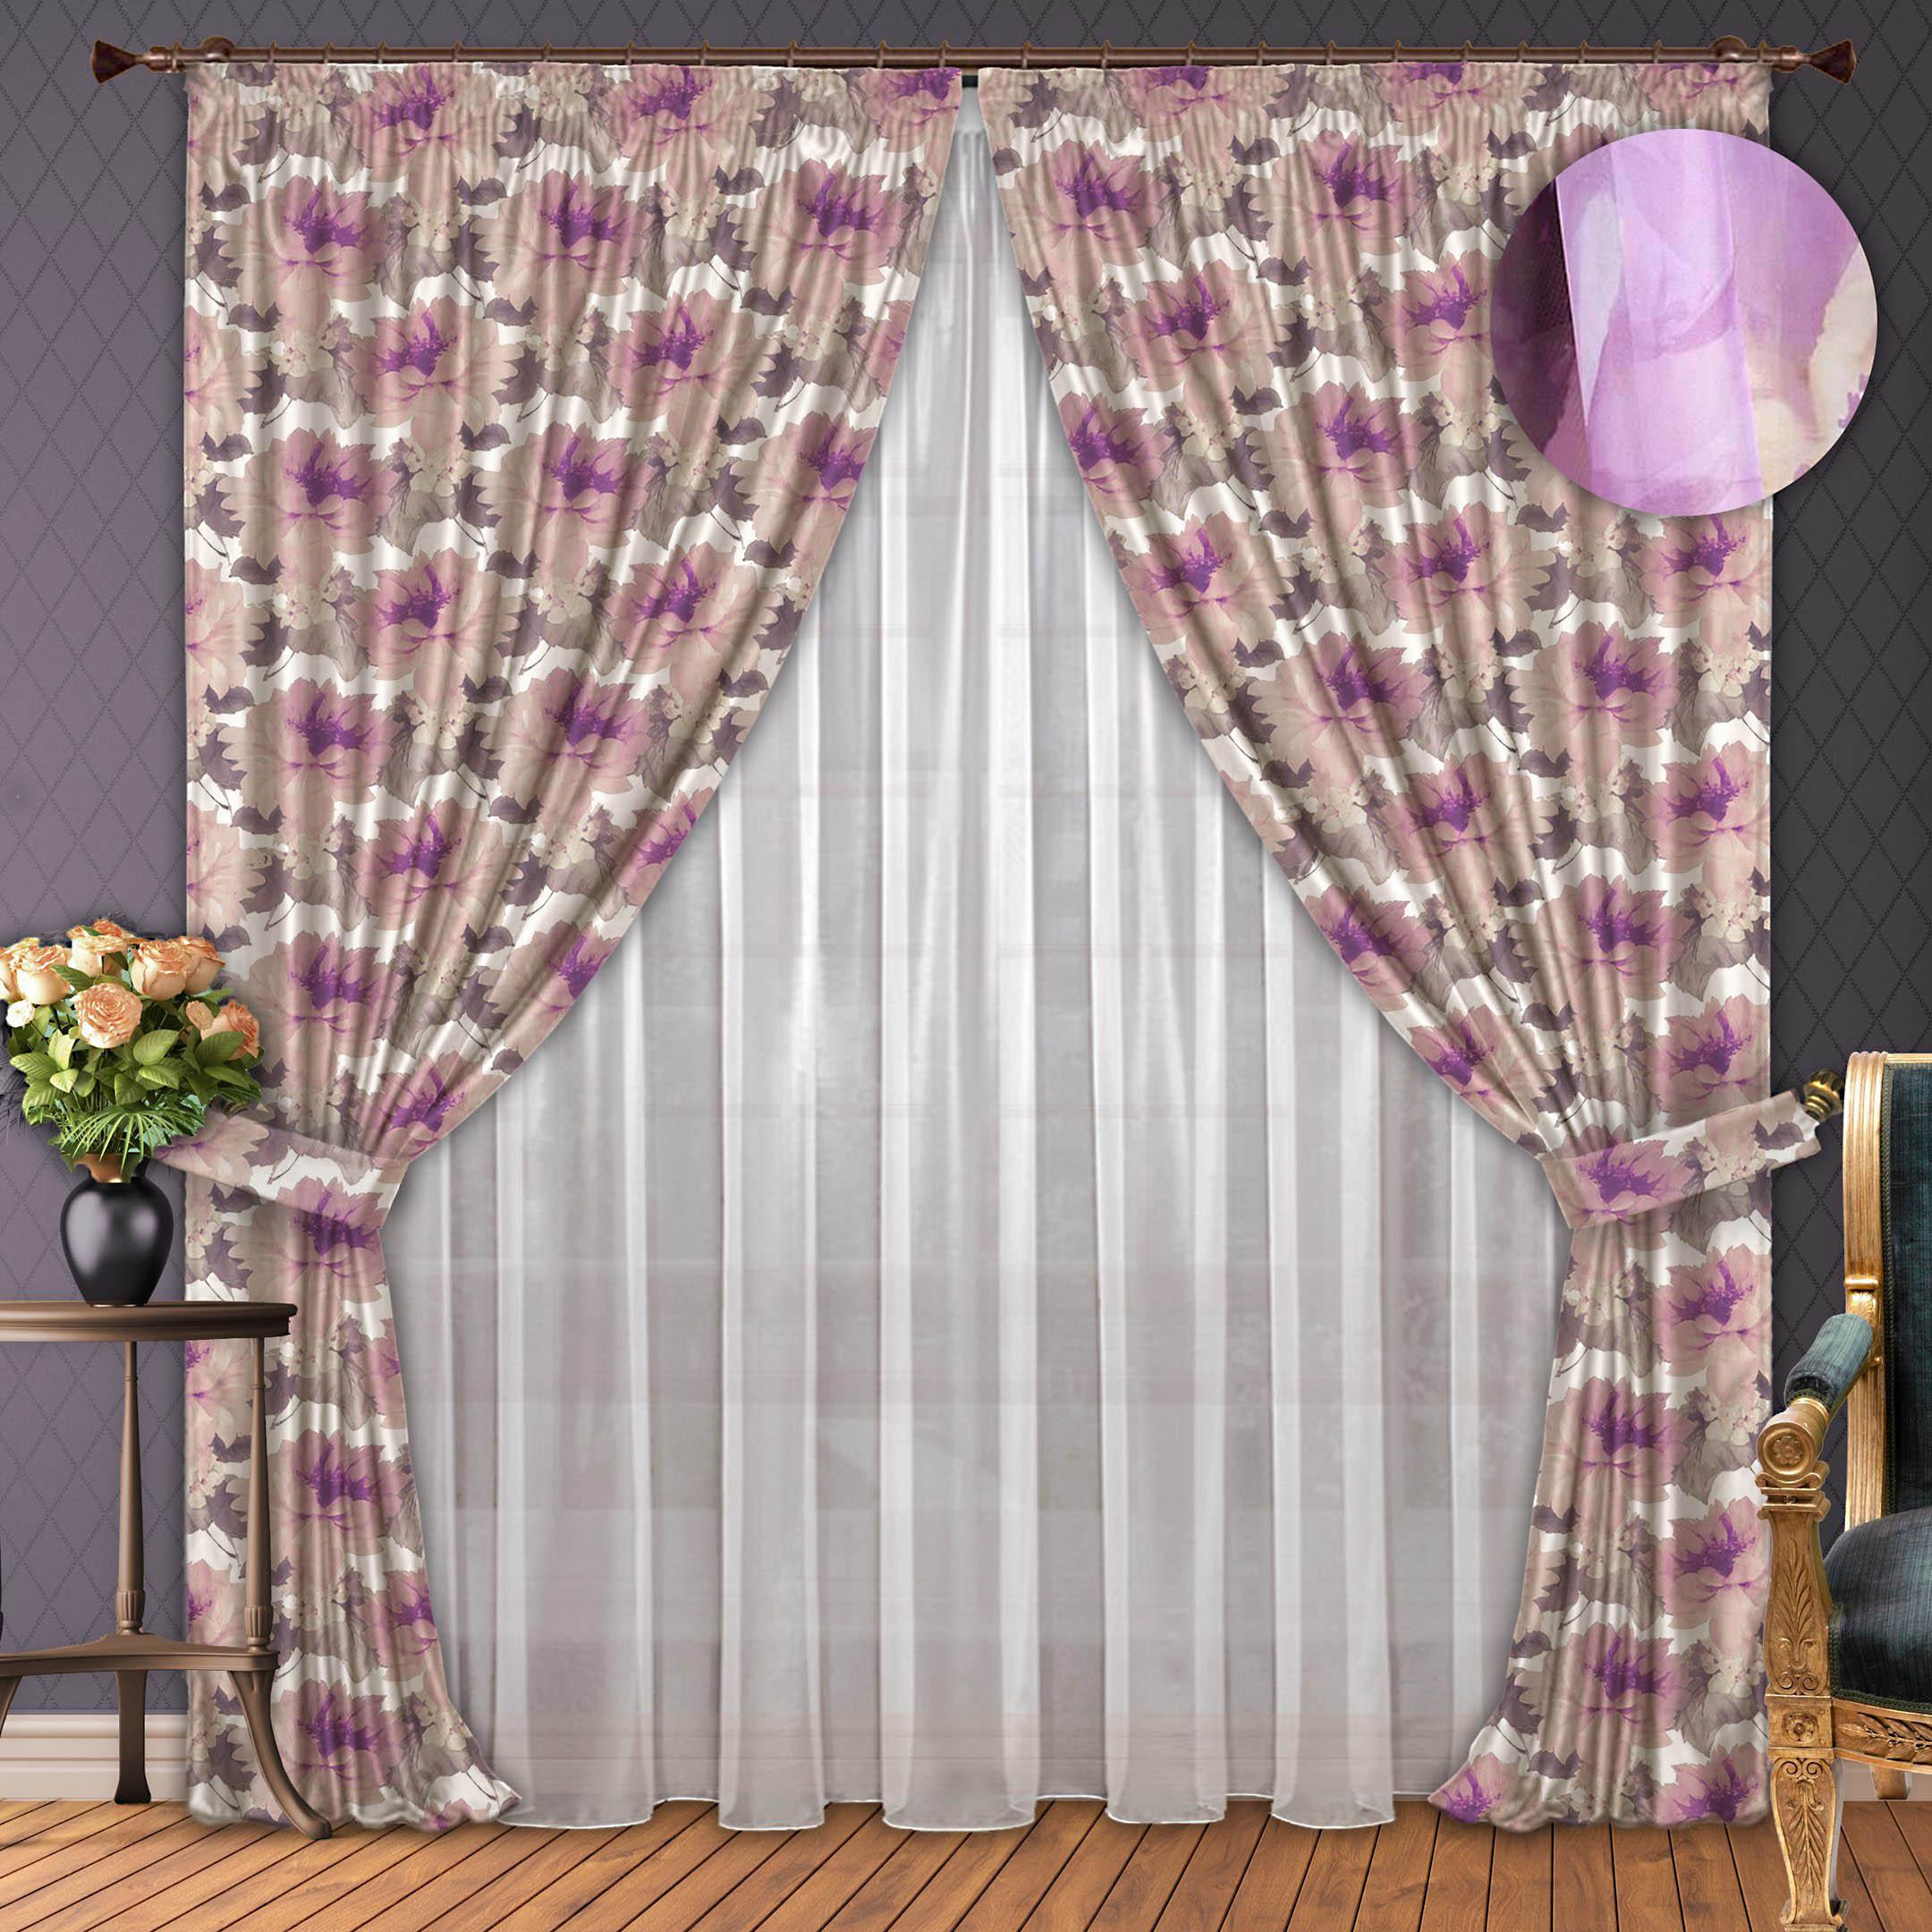 Шторы РеалТекс Классические шторы Веселье Цвет: Cирень шторы реалтекс классические шторы alberta цвет персиковый молочный